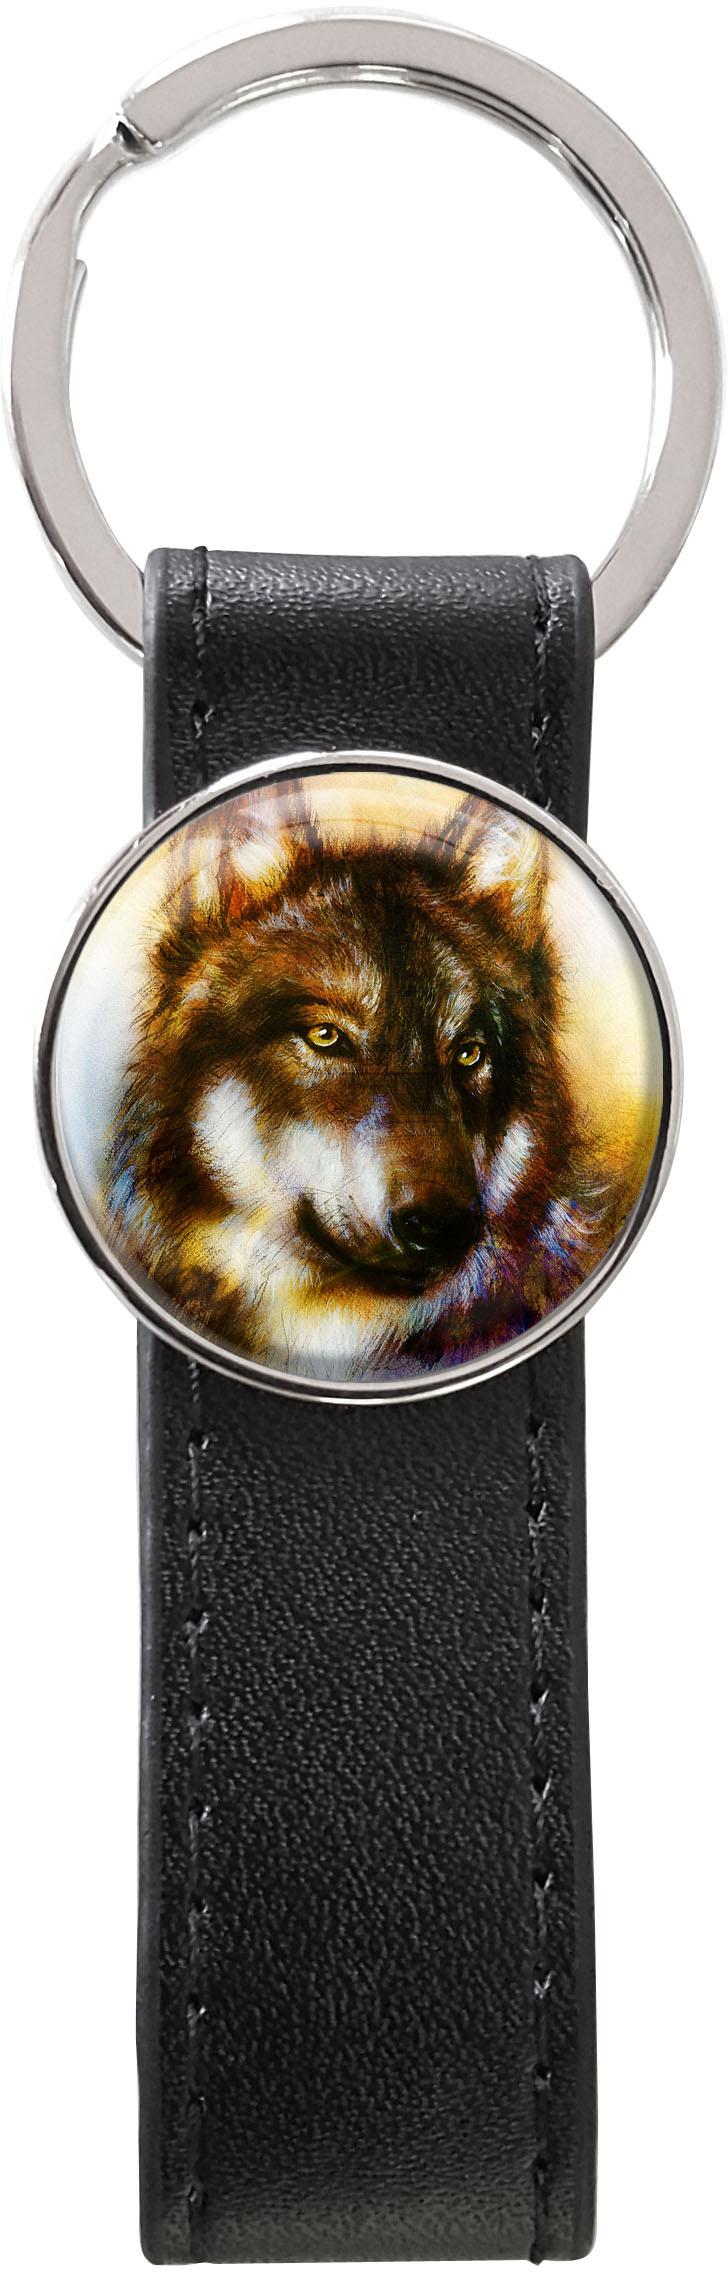 Schlüsselanhänger PU - Leder / Wolf / Raubtiere / Wild